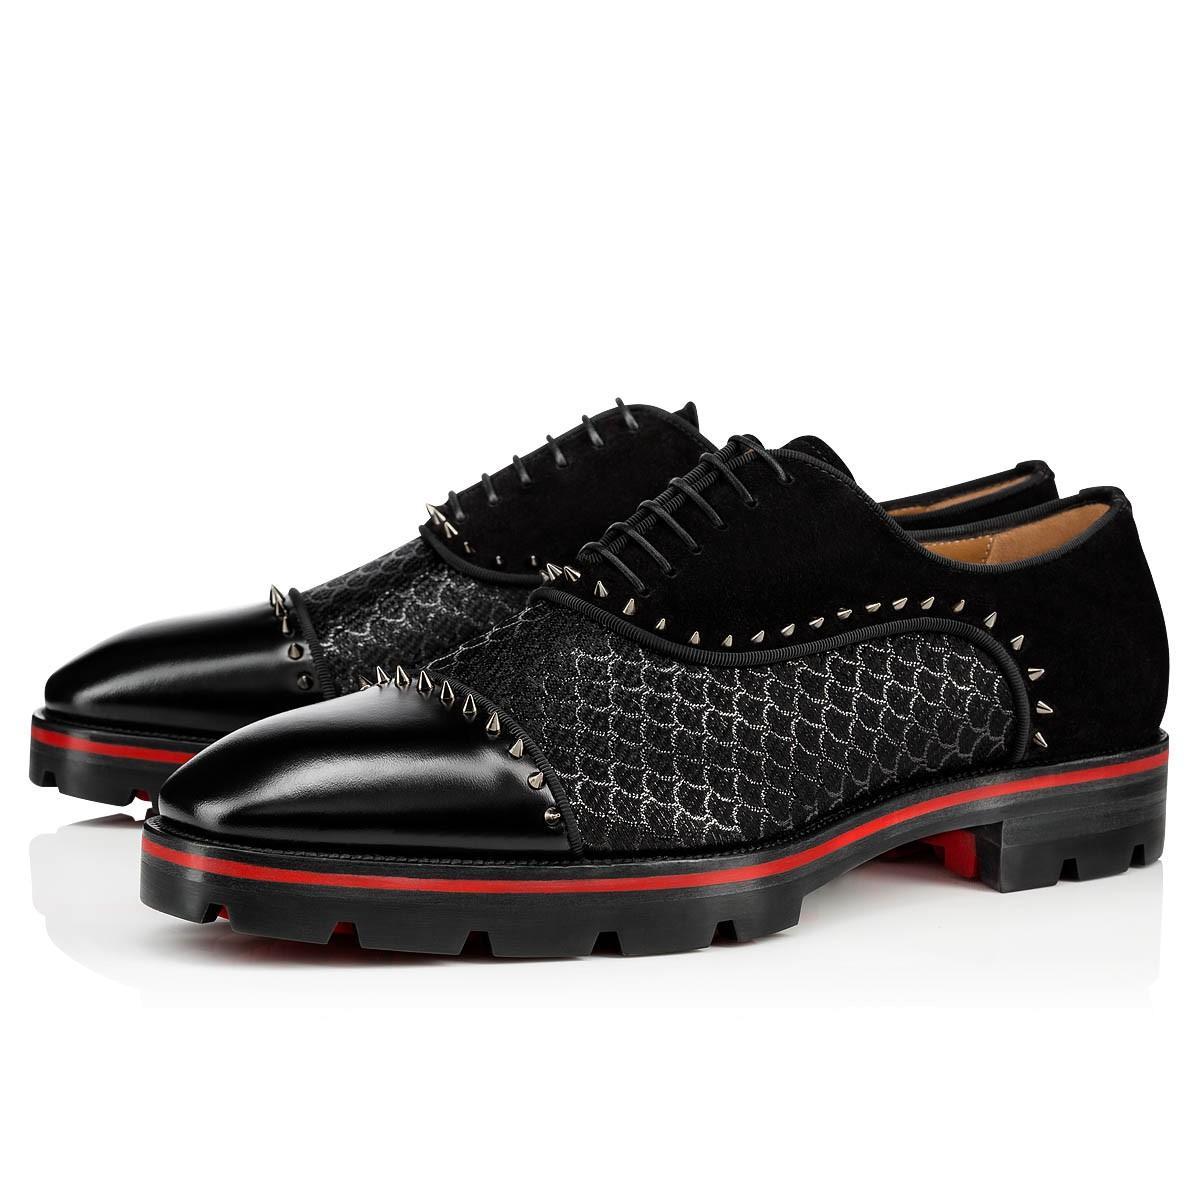 Freizeit Gentleman Leder-Ebene-Schuh-Rot-Unterseite Oxfords Loafers Luxurious Mokassin Reifen Gummisohle echtes Leder mit Schnalle Super-Schuhe